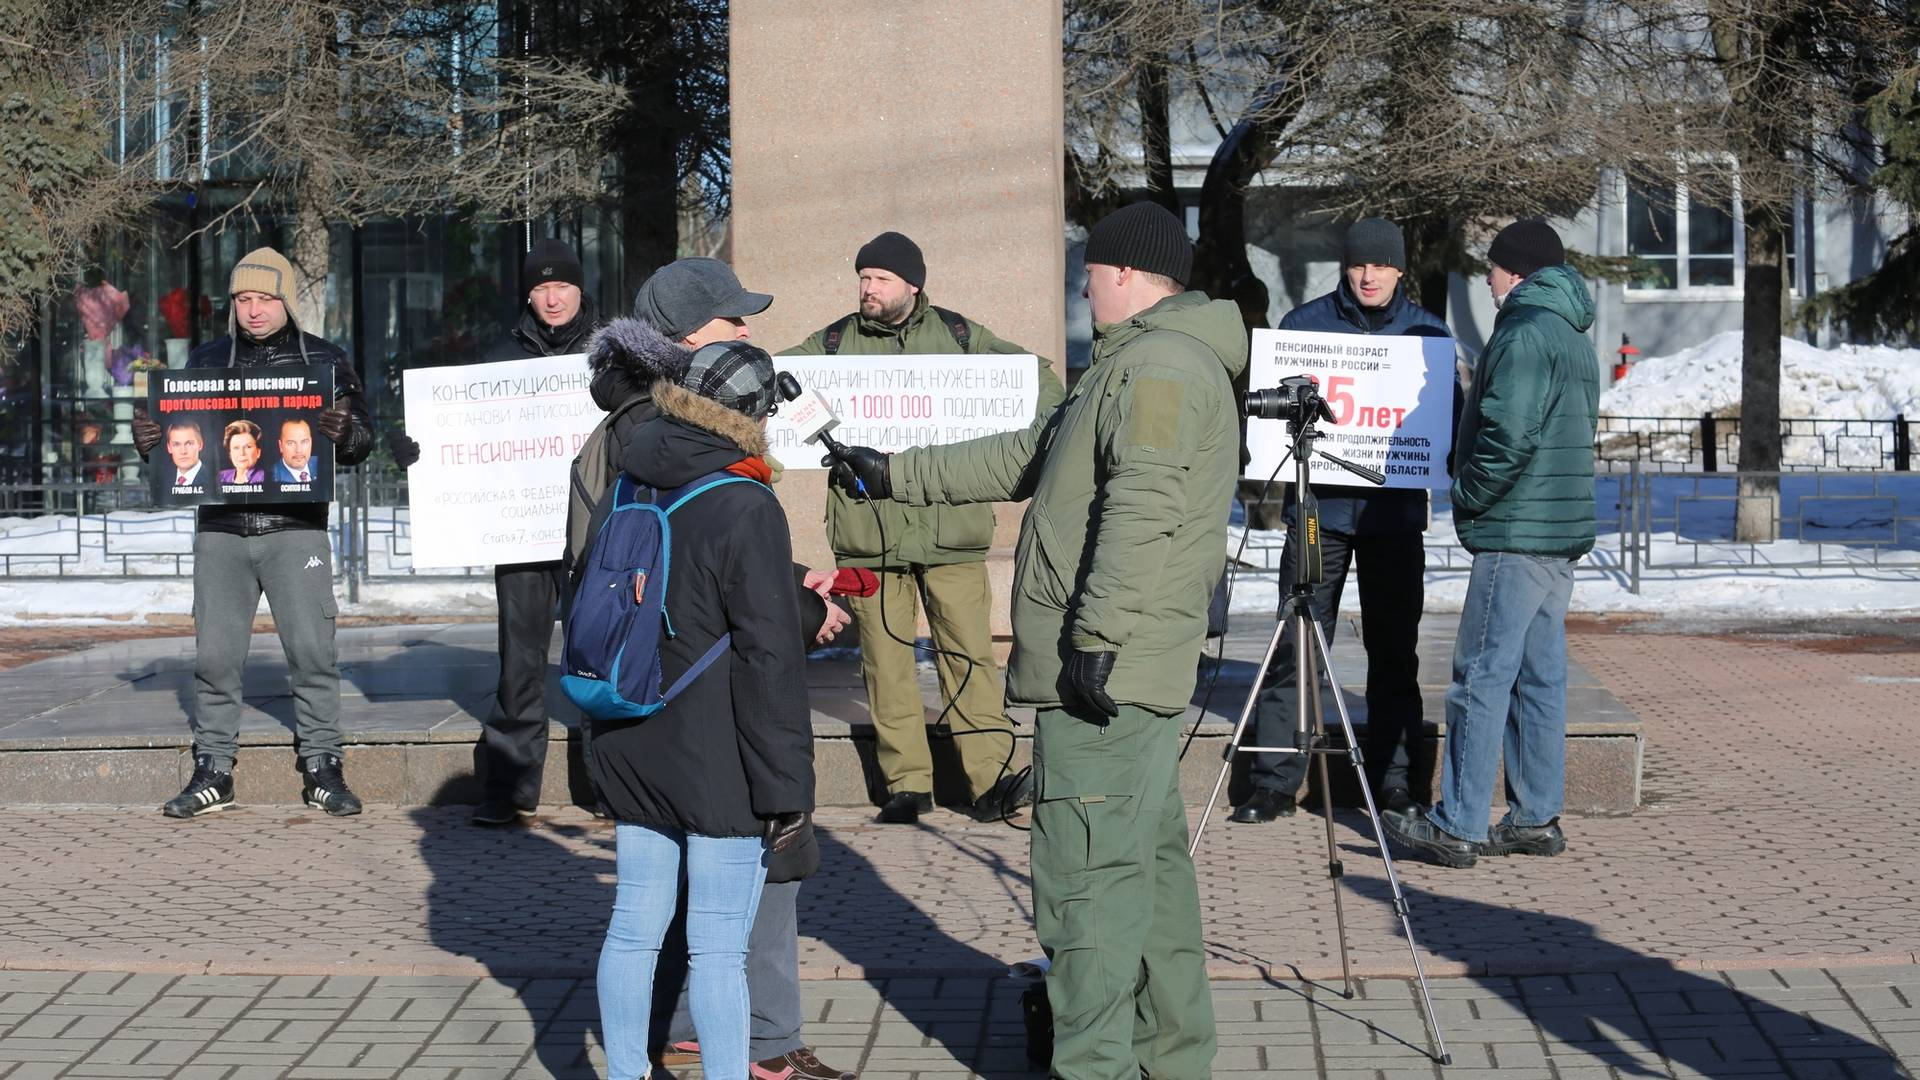 Пикет и общение с жителями города в Ярославле